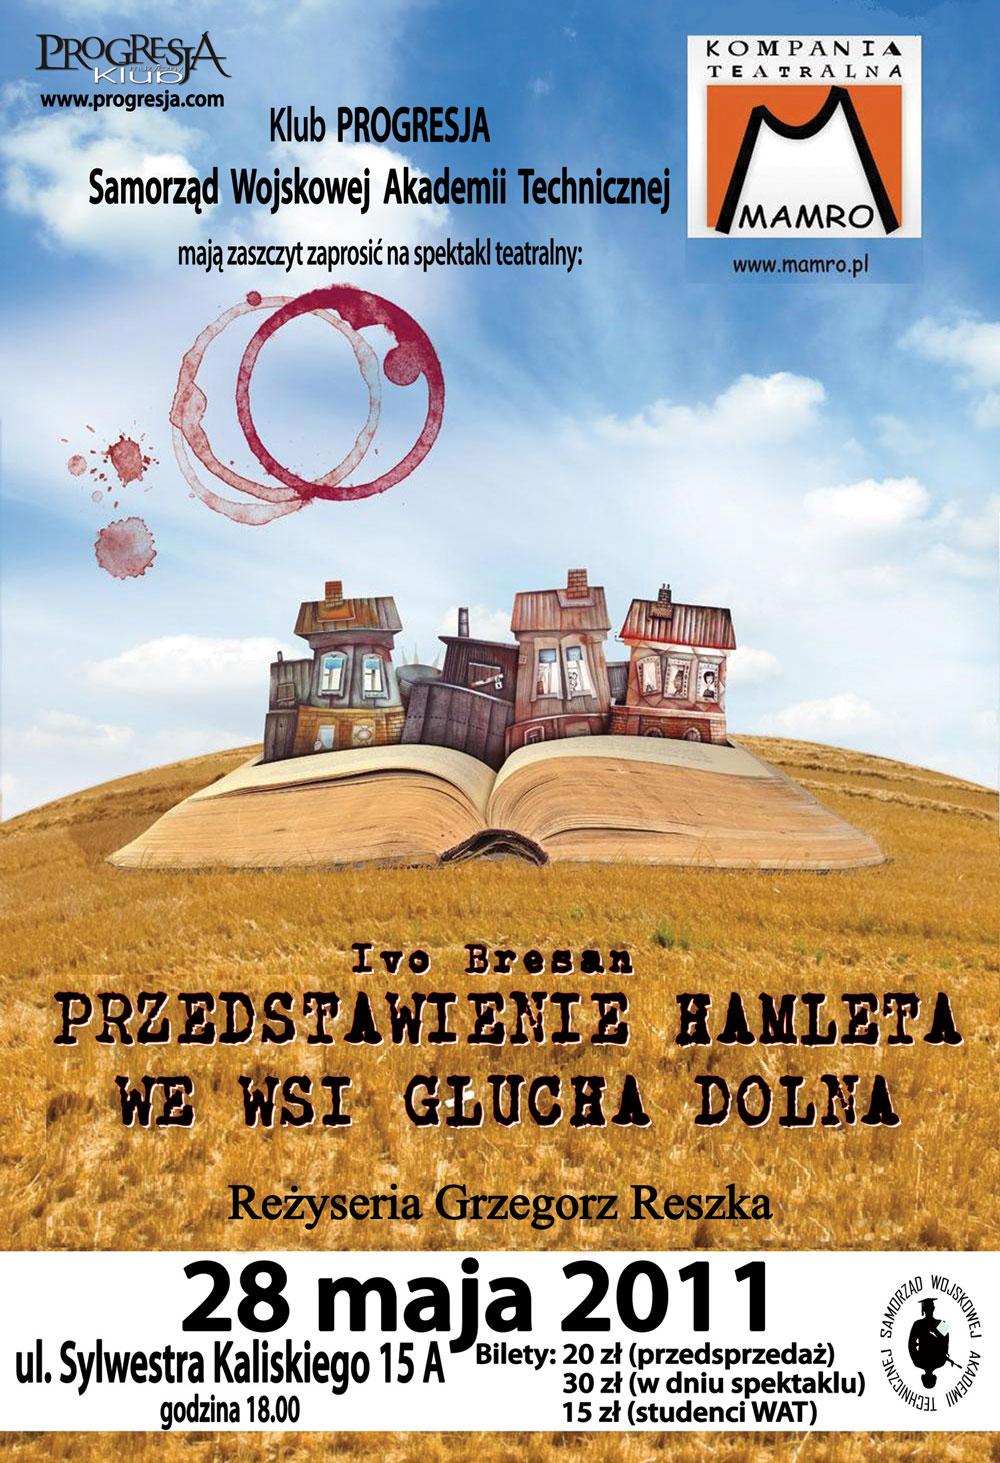 Przedstawienie Hamleta we Wsi Głucha Dolna